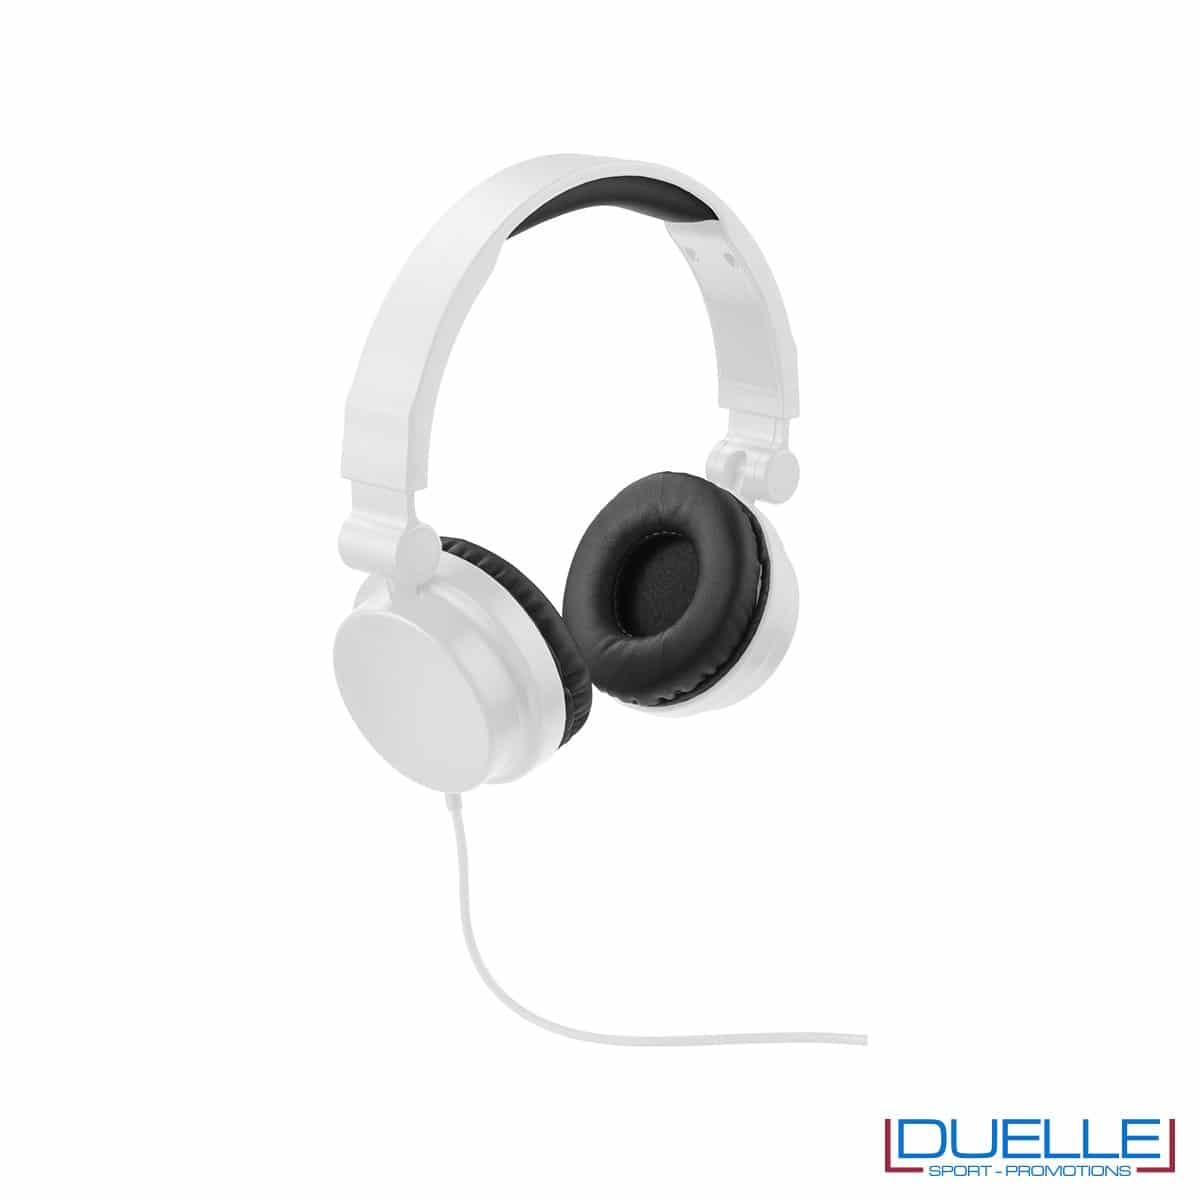 cuffie pieghevoli personalizzate promozionali in colore bianco, cuffie promozionali personalizzate